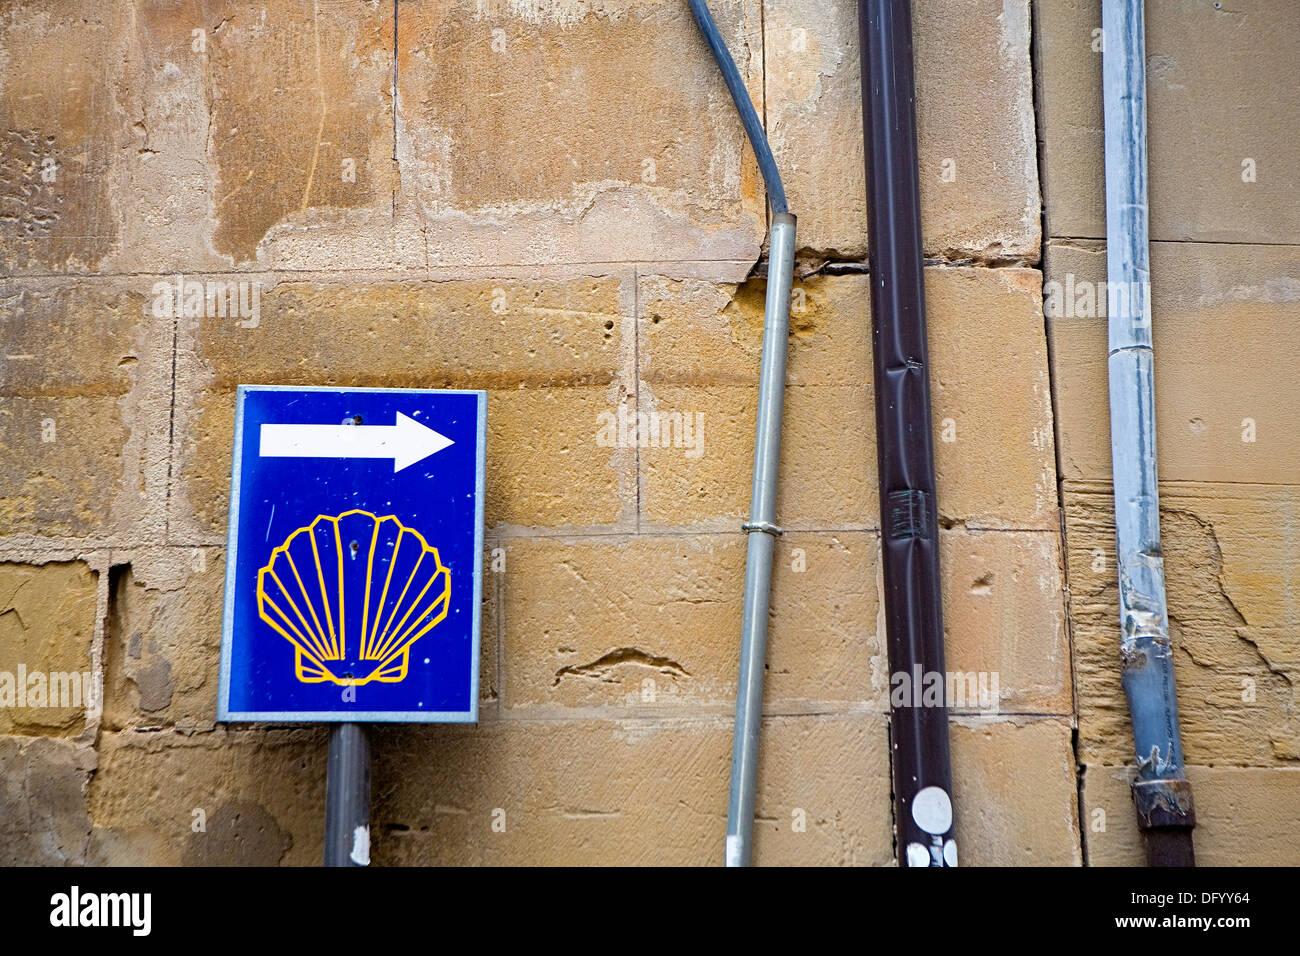 Calle Mayor.Sign of Camino de Santiago.Santo Domingo de la Calzada. La Rioja.Spain. Camino de Santiago - Stock Image